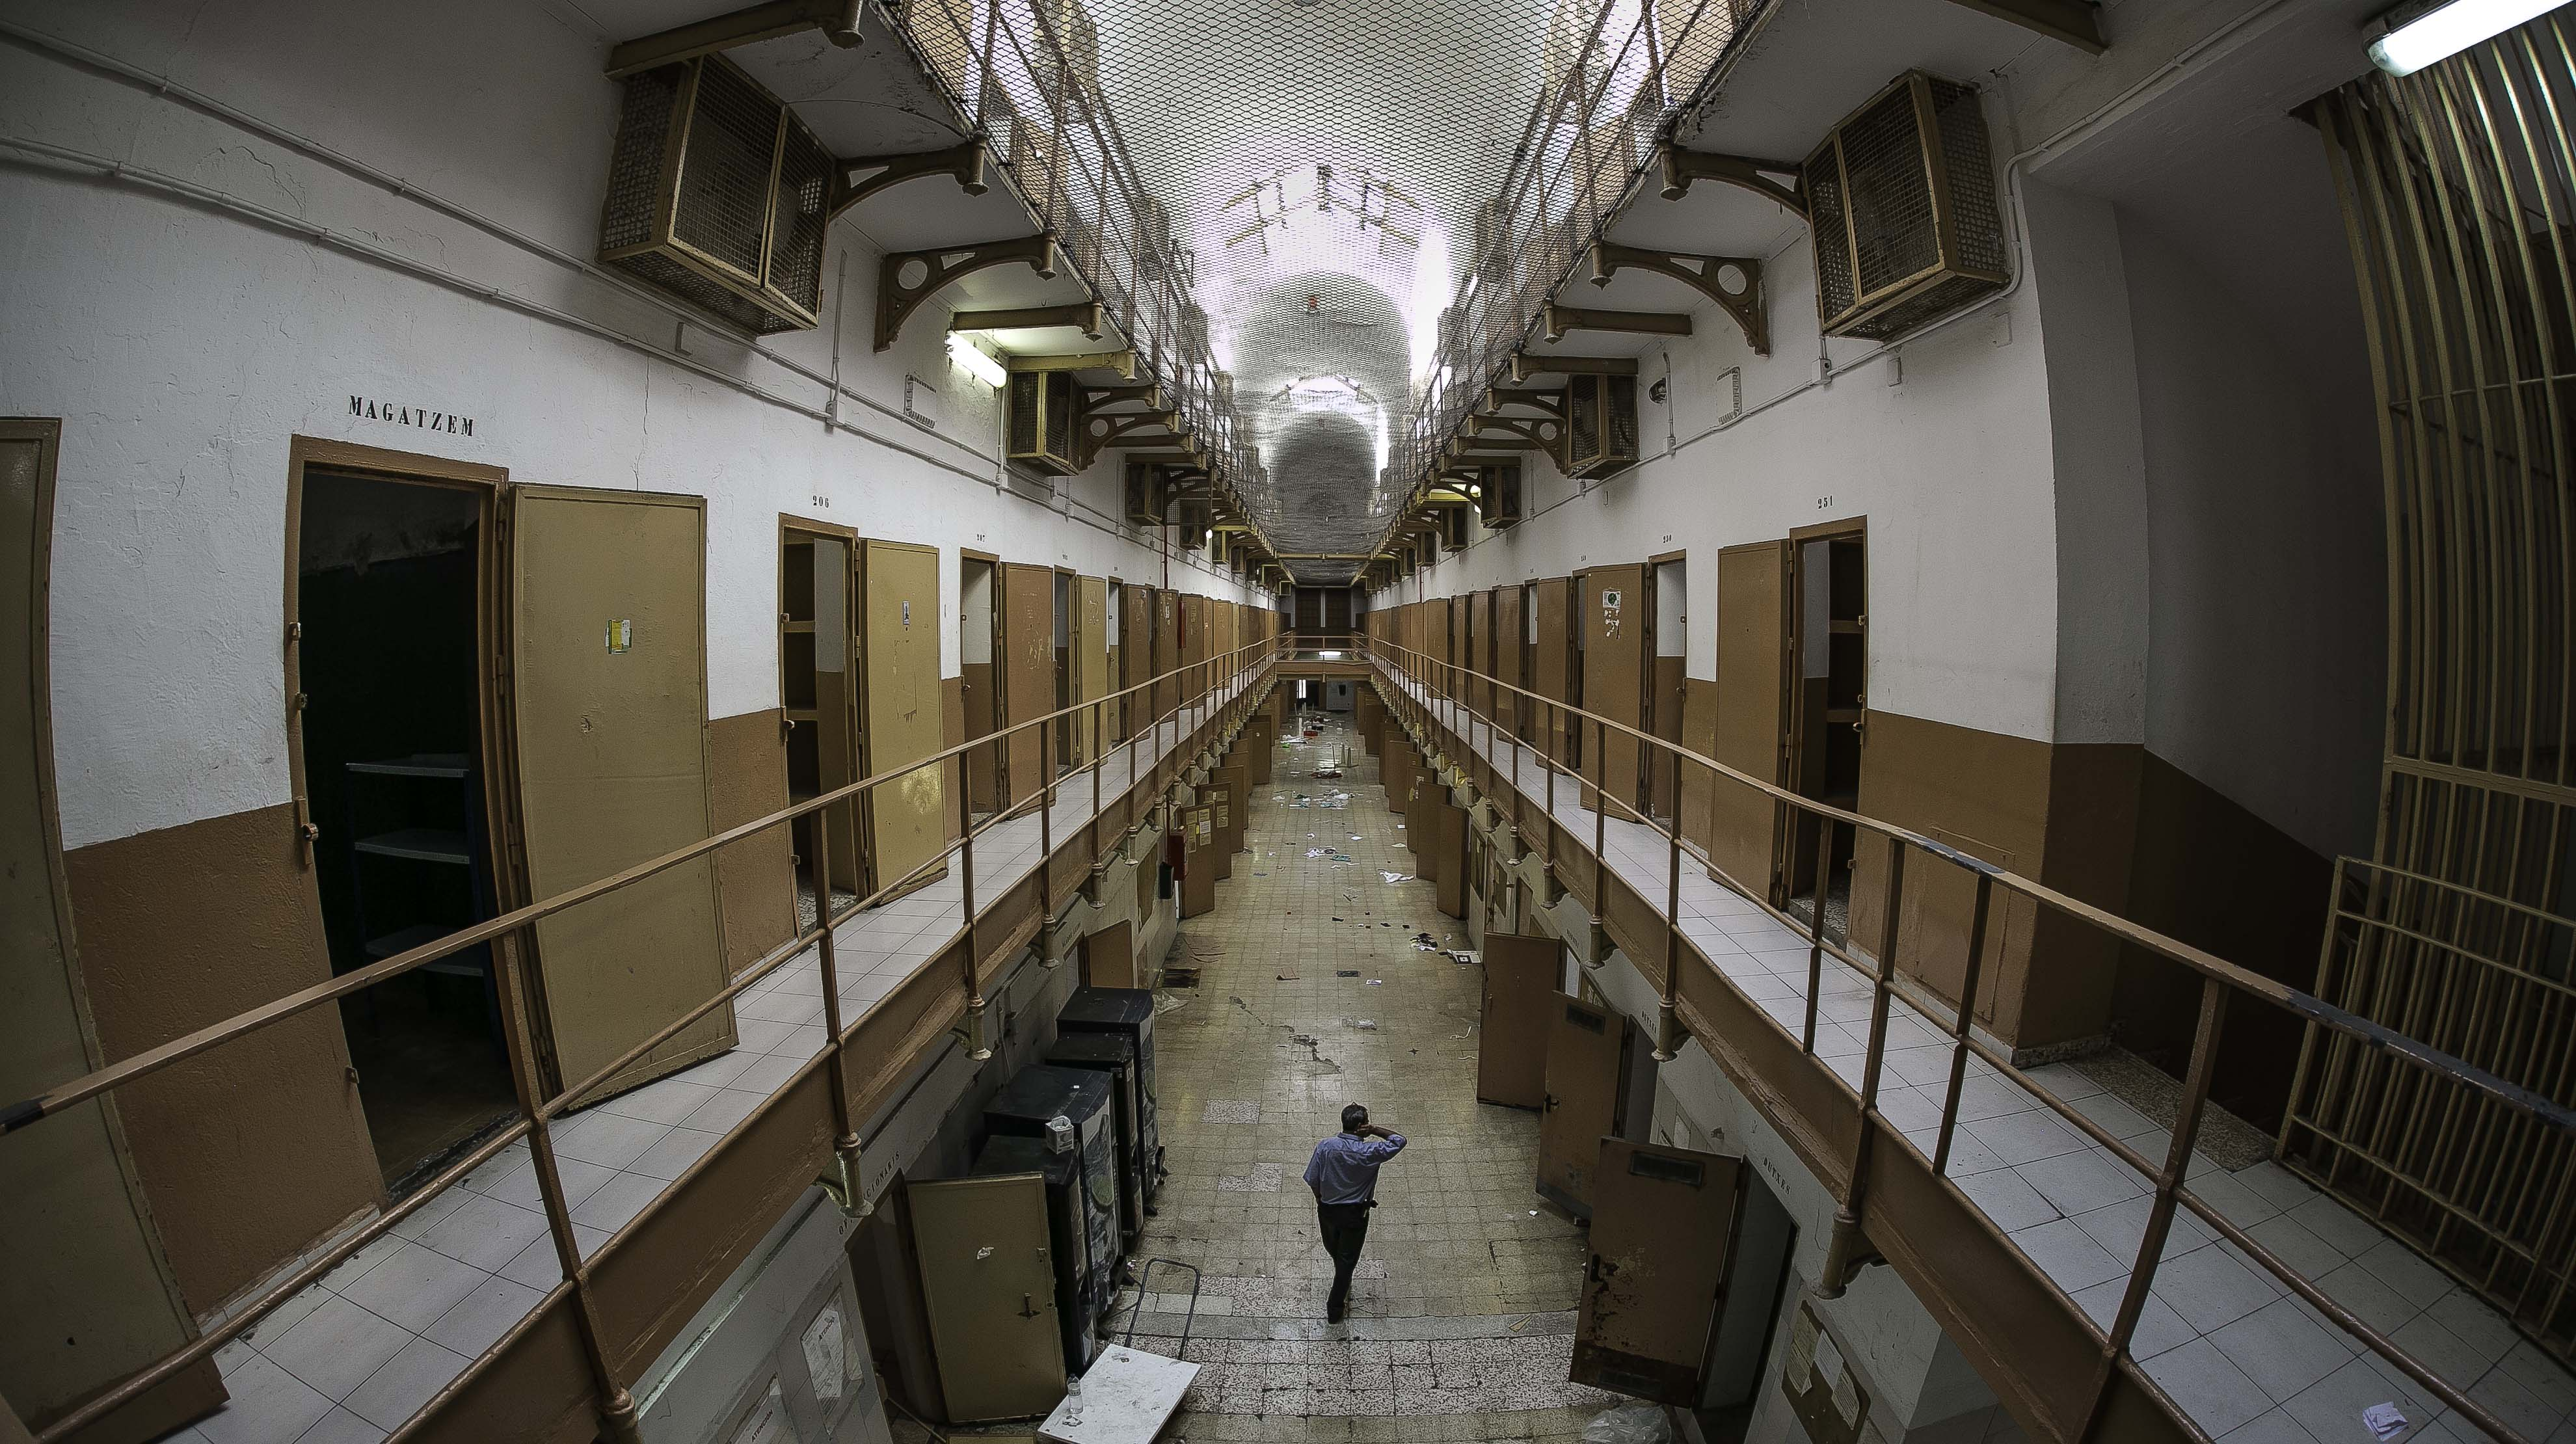 La prisión Modelo cierra el jueves sus puertas. Tres reclusos explican su experiencia.